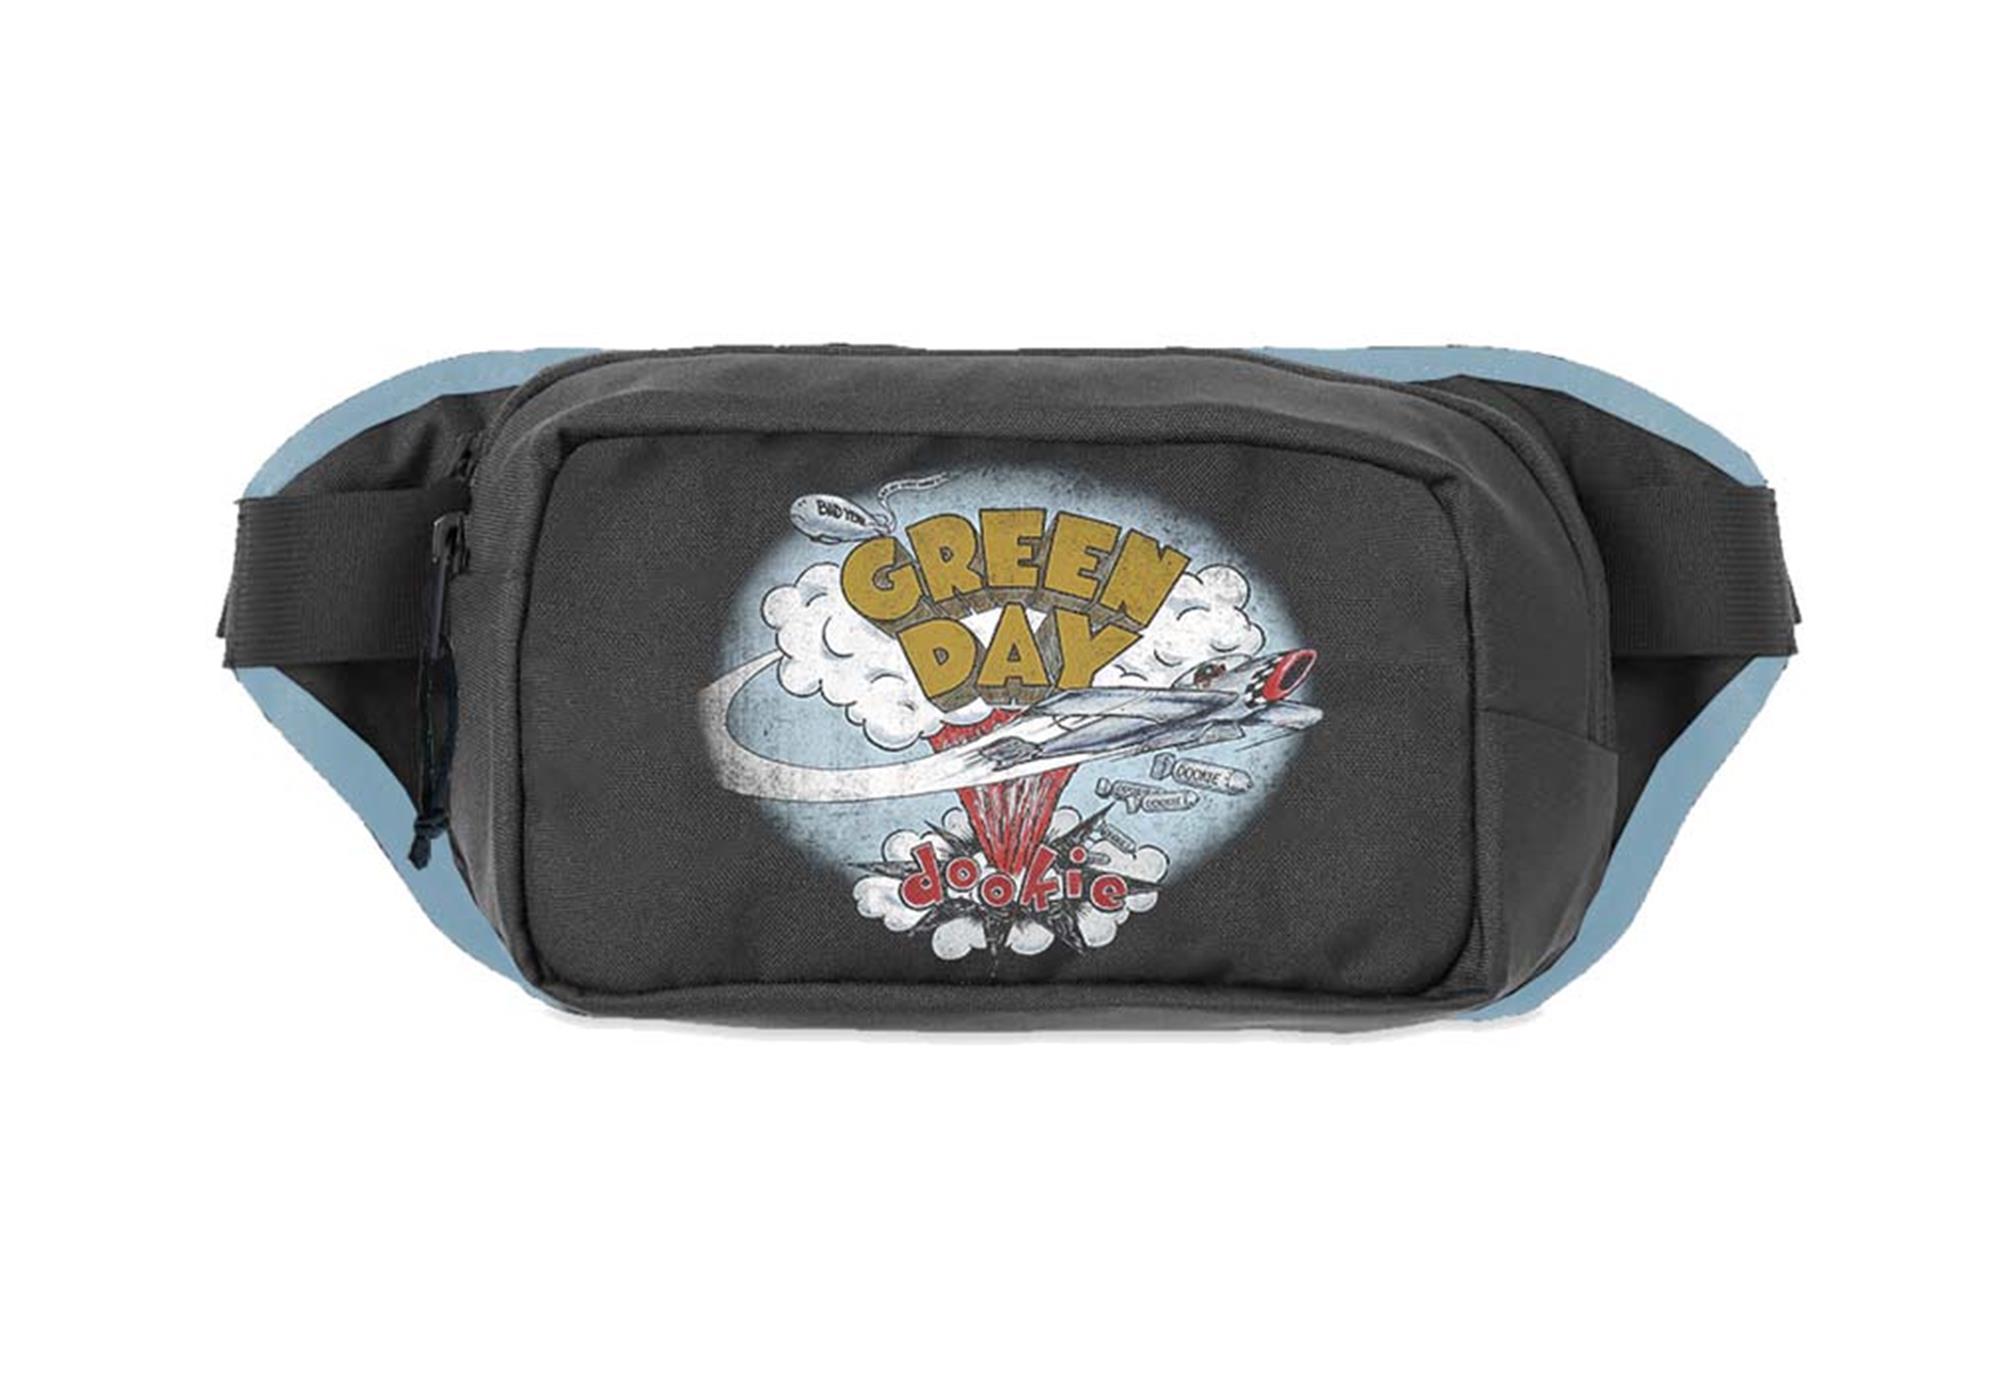 Green Day Dookie Shoulder Bag